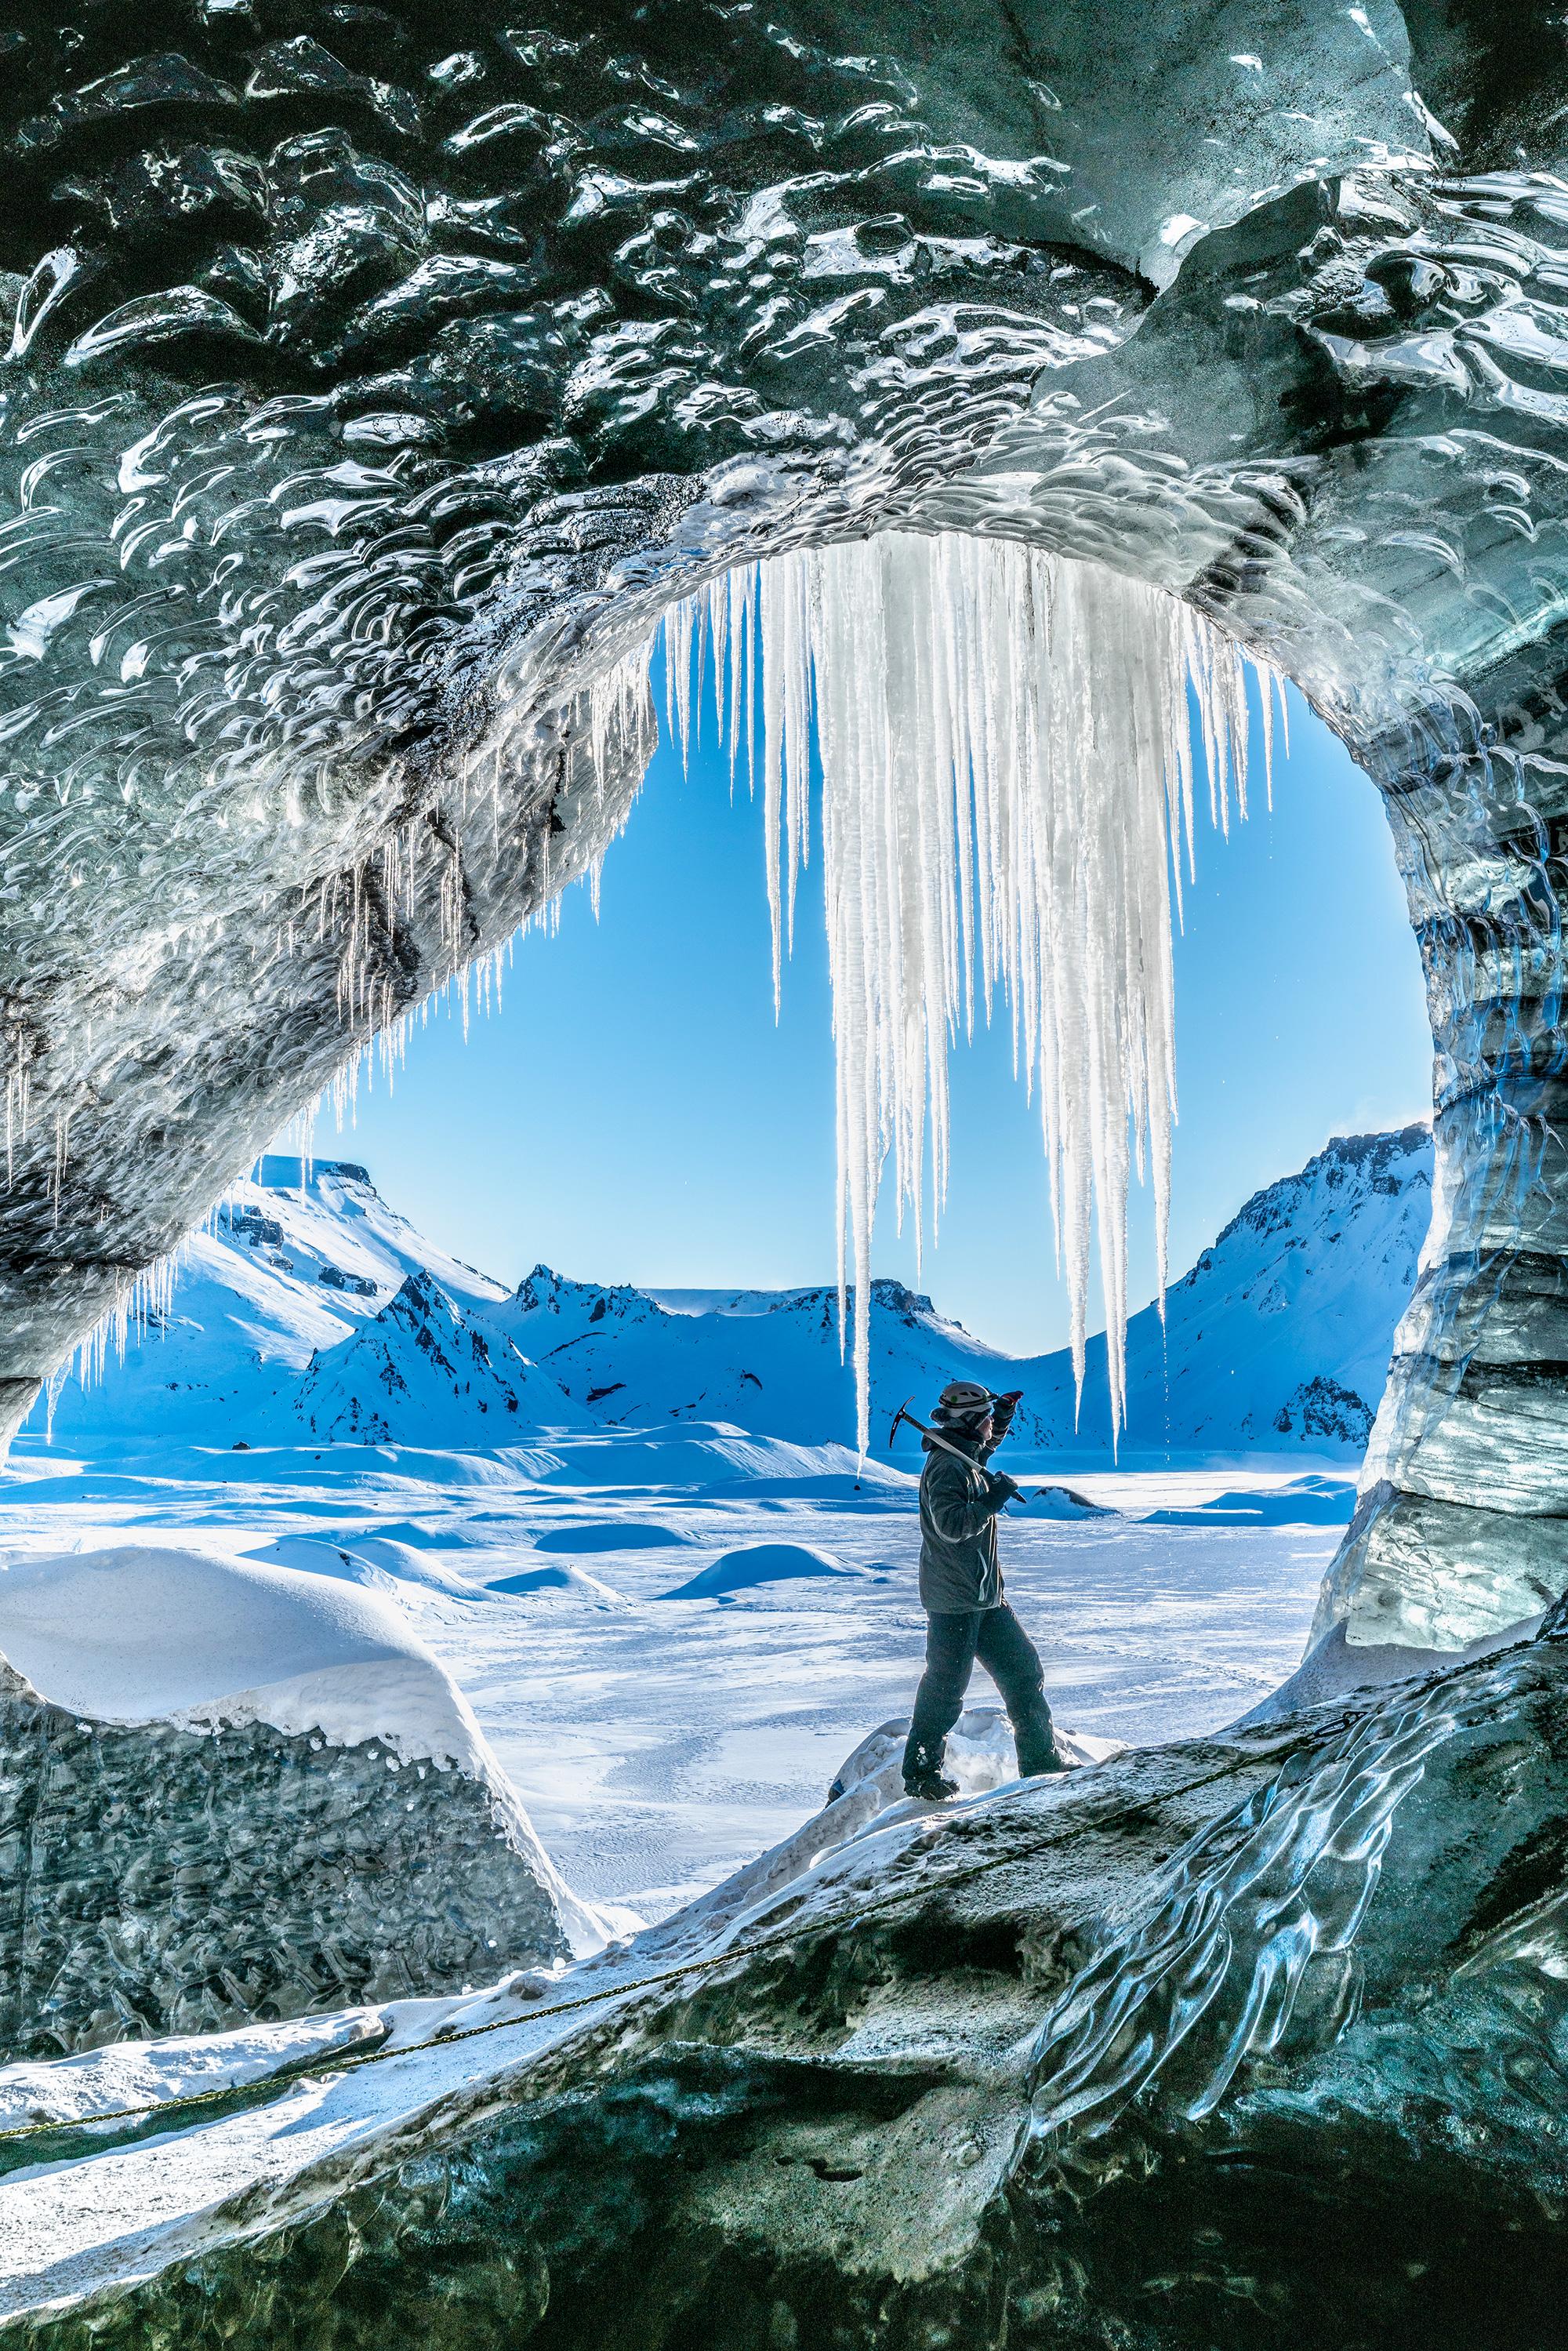 De ijsgrotten van Katla zijn ook geopend buiten het gebruikelijke winterseizoen in IJsland.